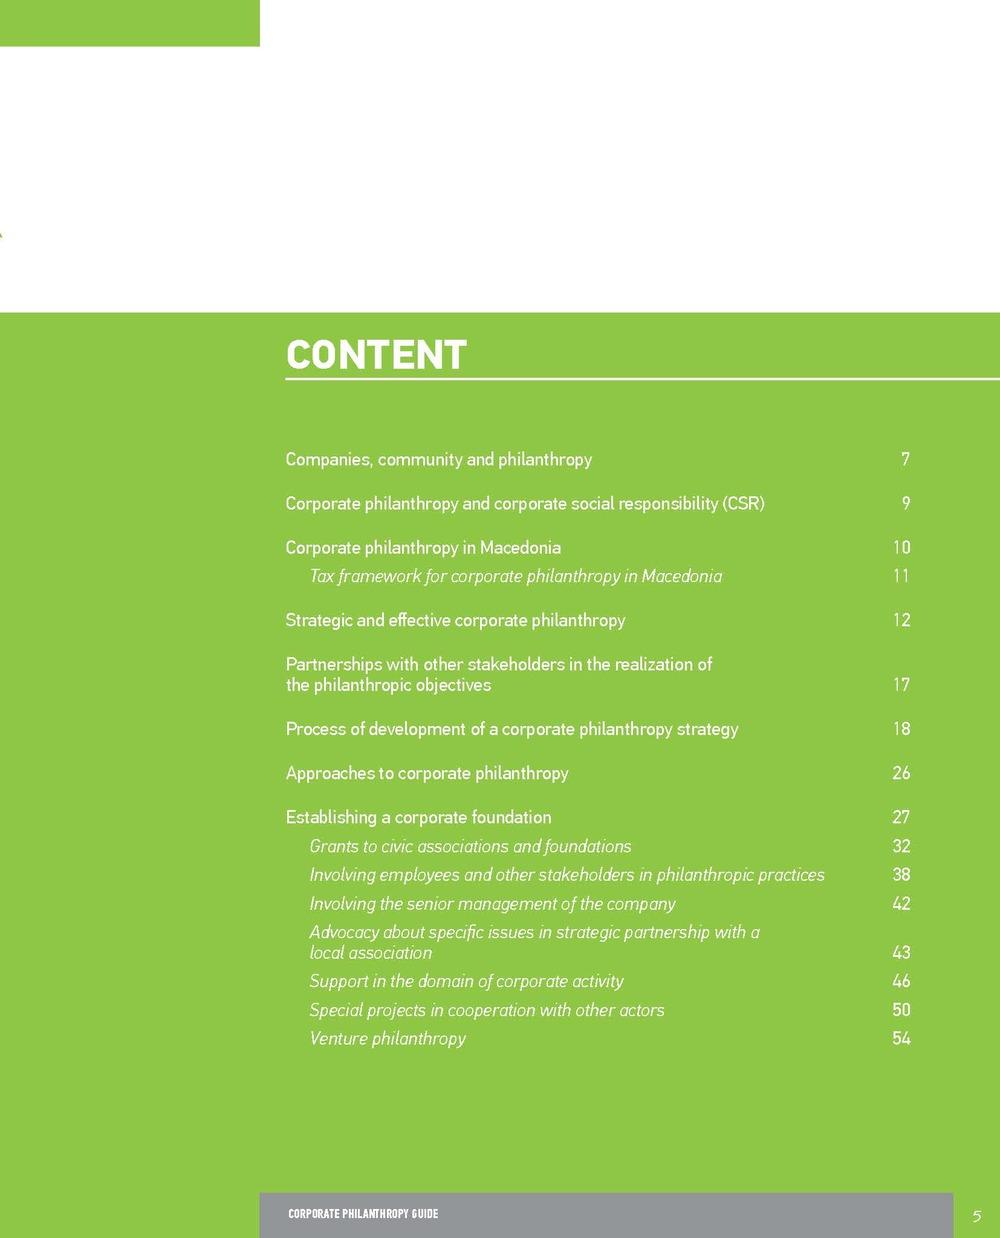 Konekt_publikacija_en_Seite_07.jpg